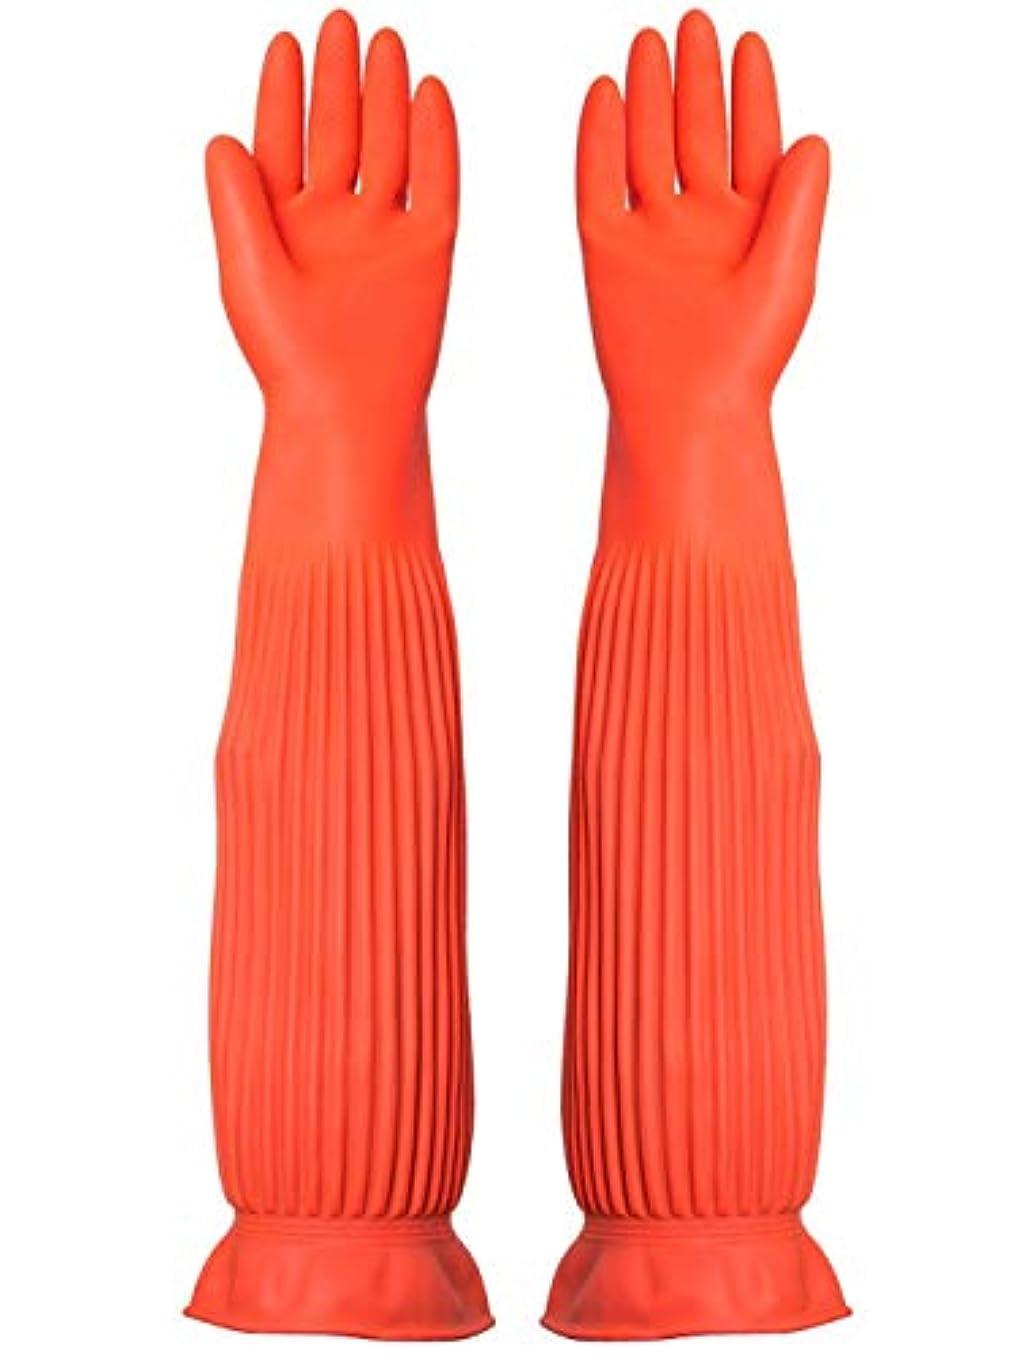 広々パーティー投票使い捨て手袋 労働保険手袋長い防水ゴム厚の耐摩耗性ゴム手袋、1ペア ニトリルゴム手袋 (Color : ORANGE, Size : M)